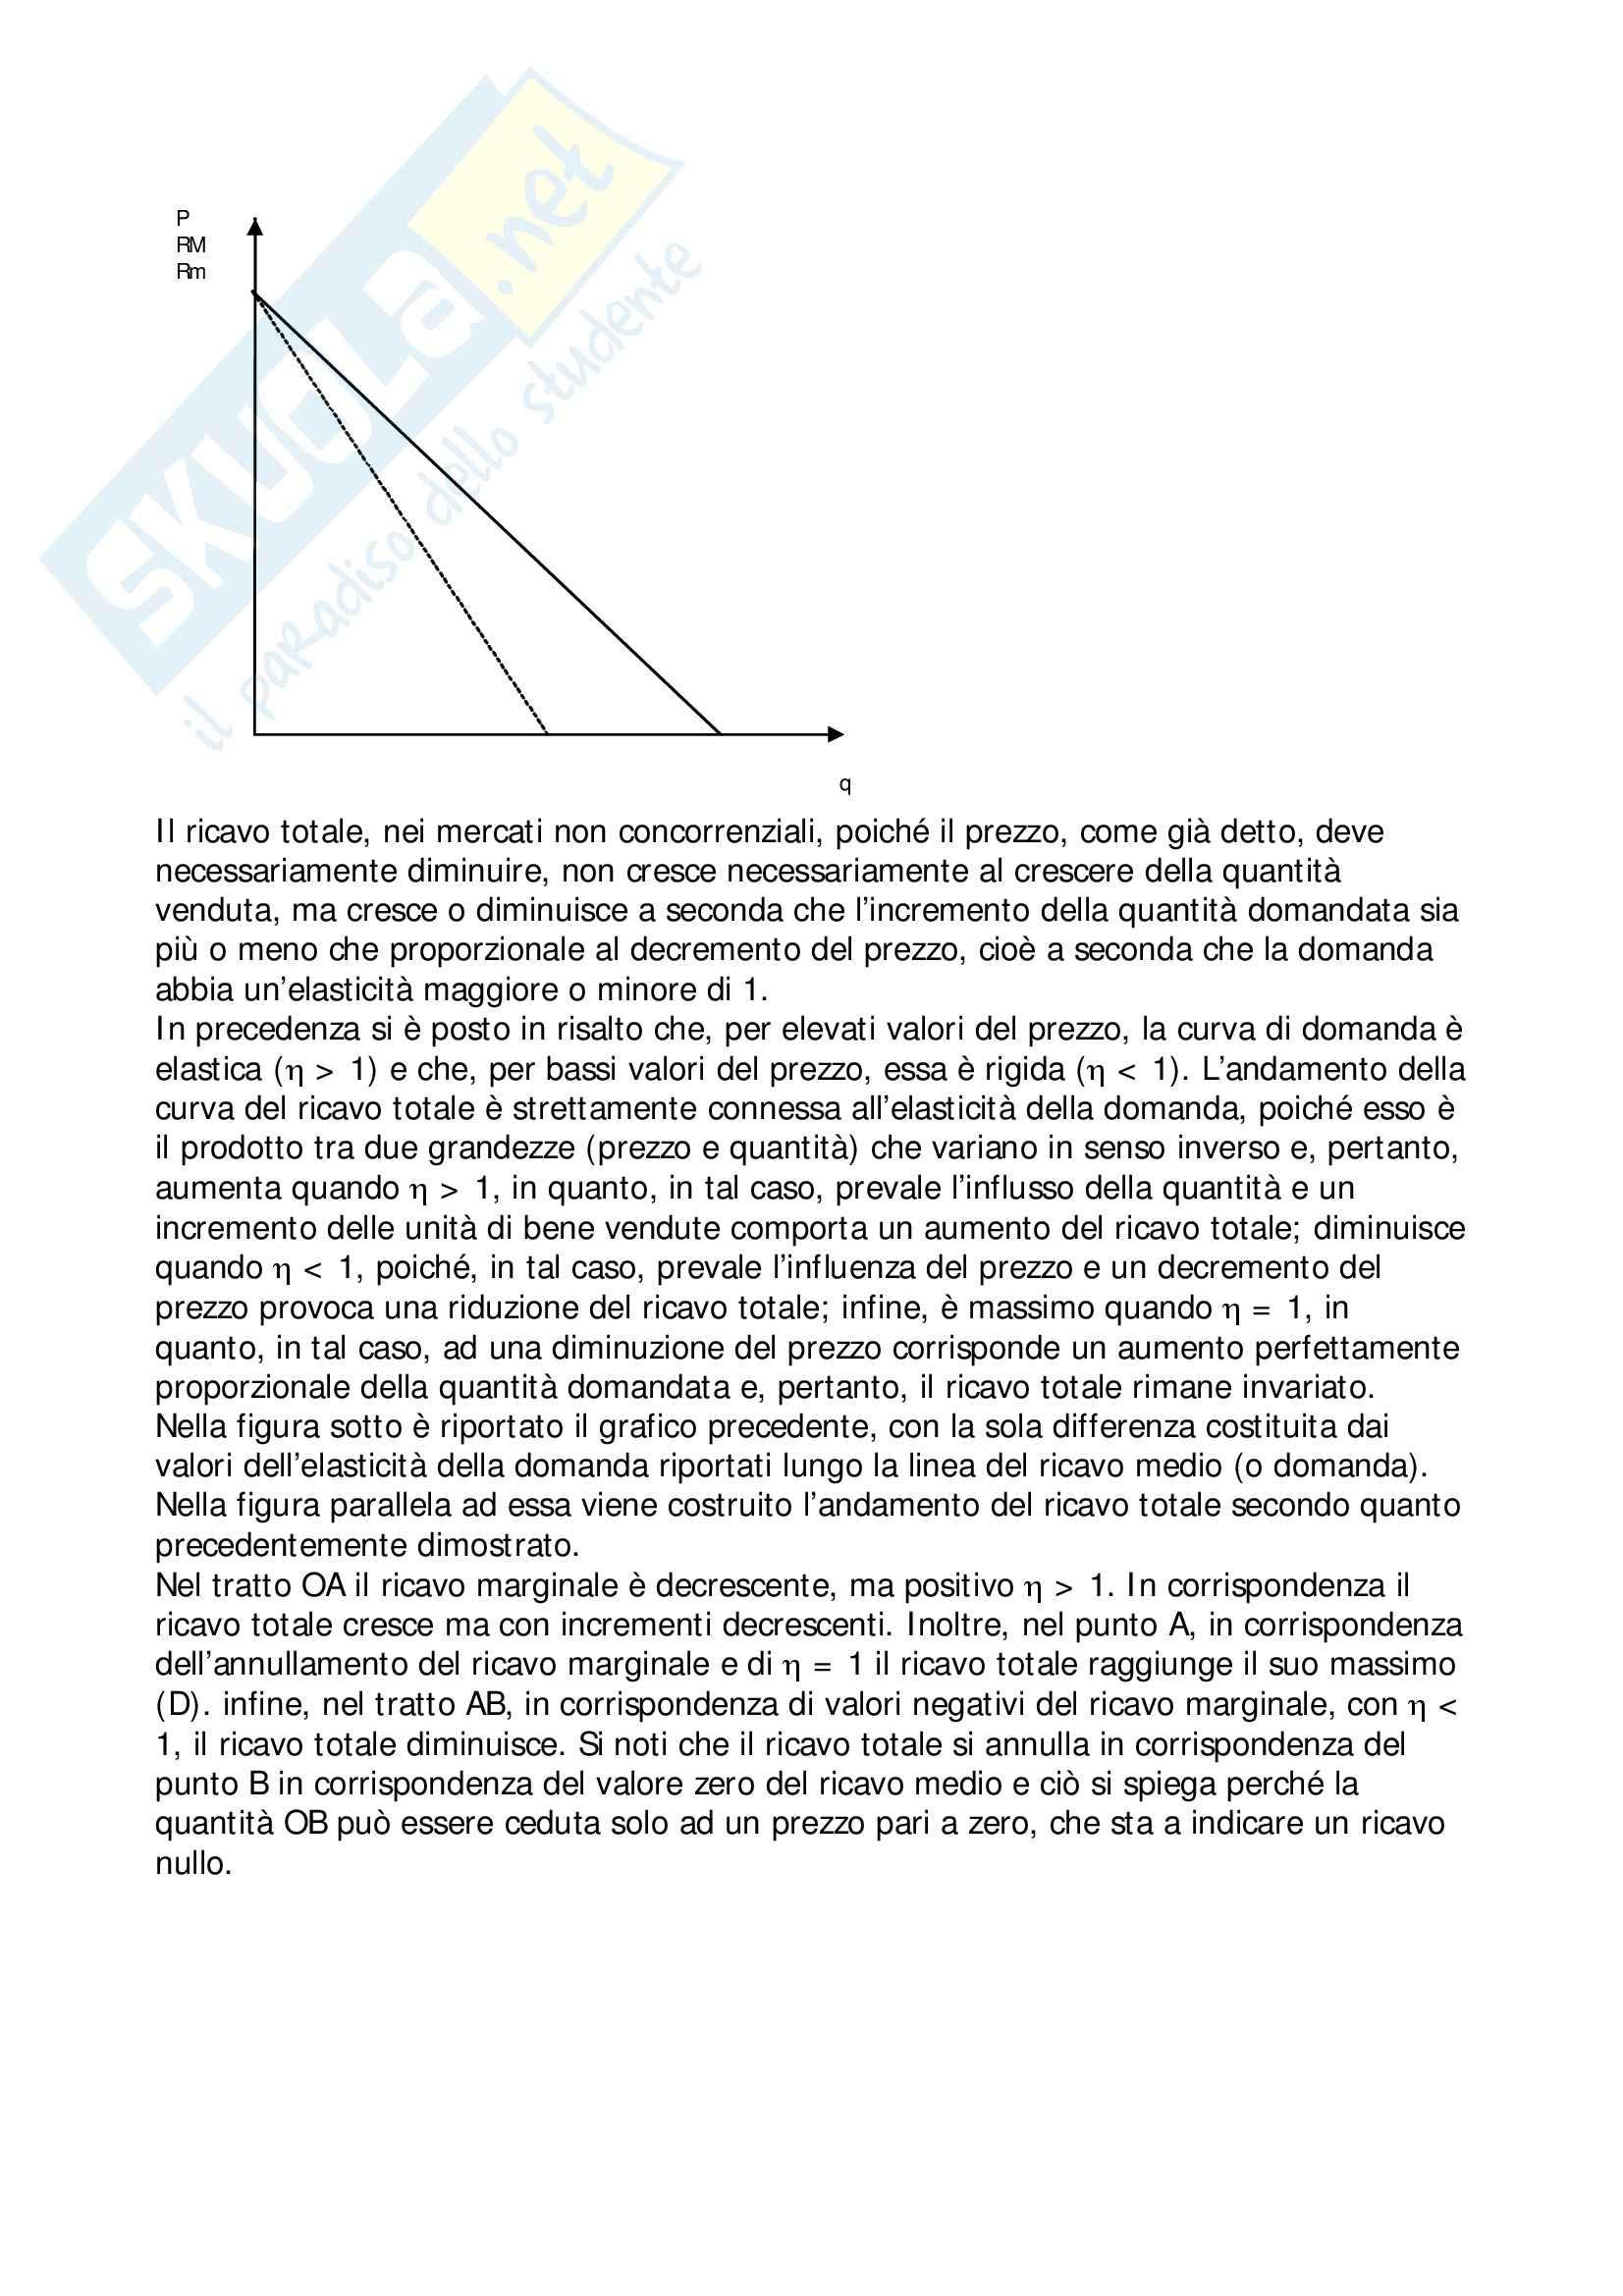 Microeconomia - Appunti Pag. 46